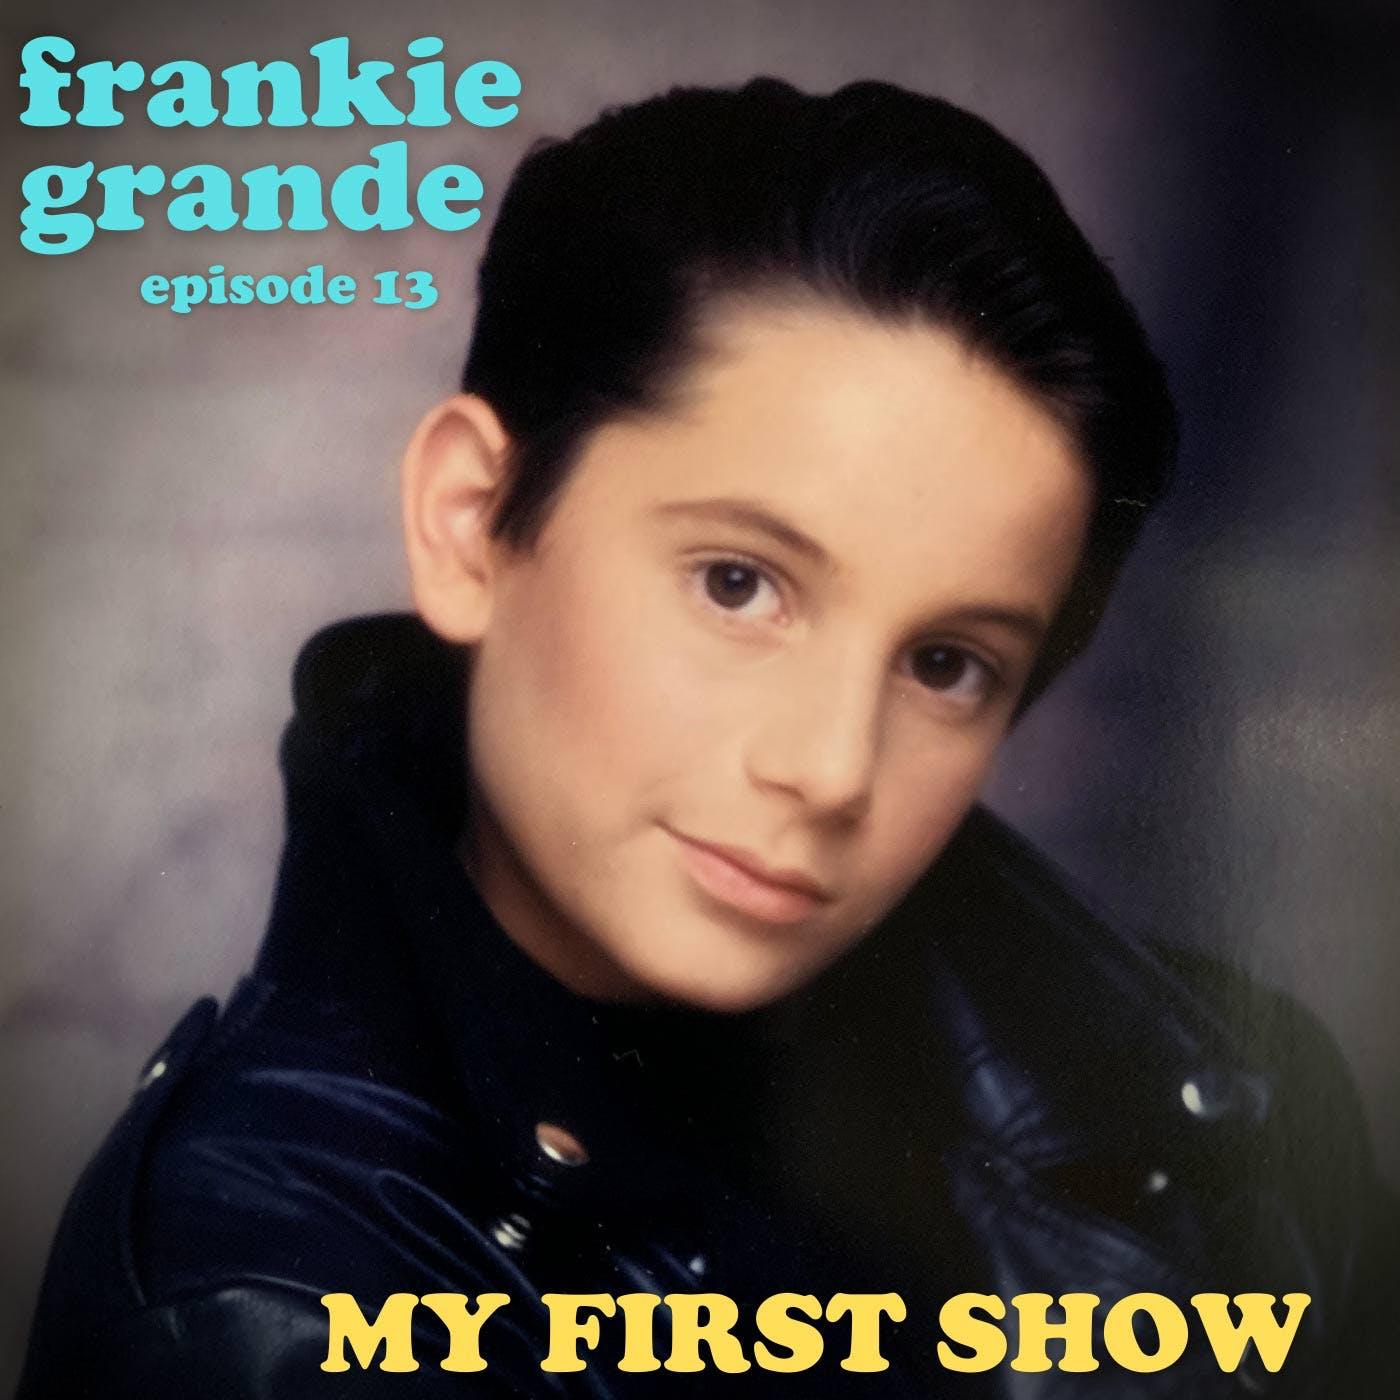 S1/Ep13: Frankie Grande